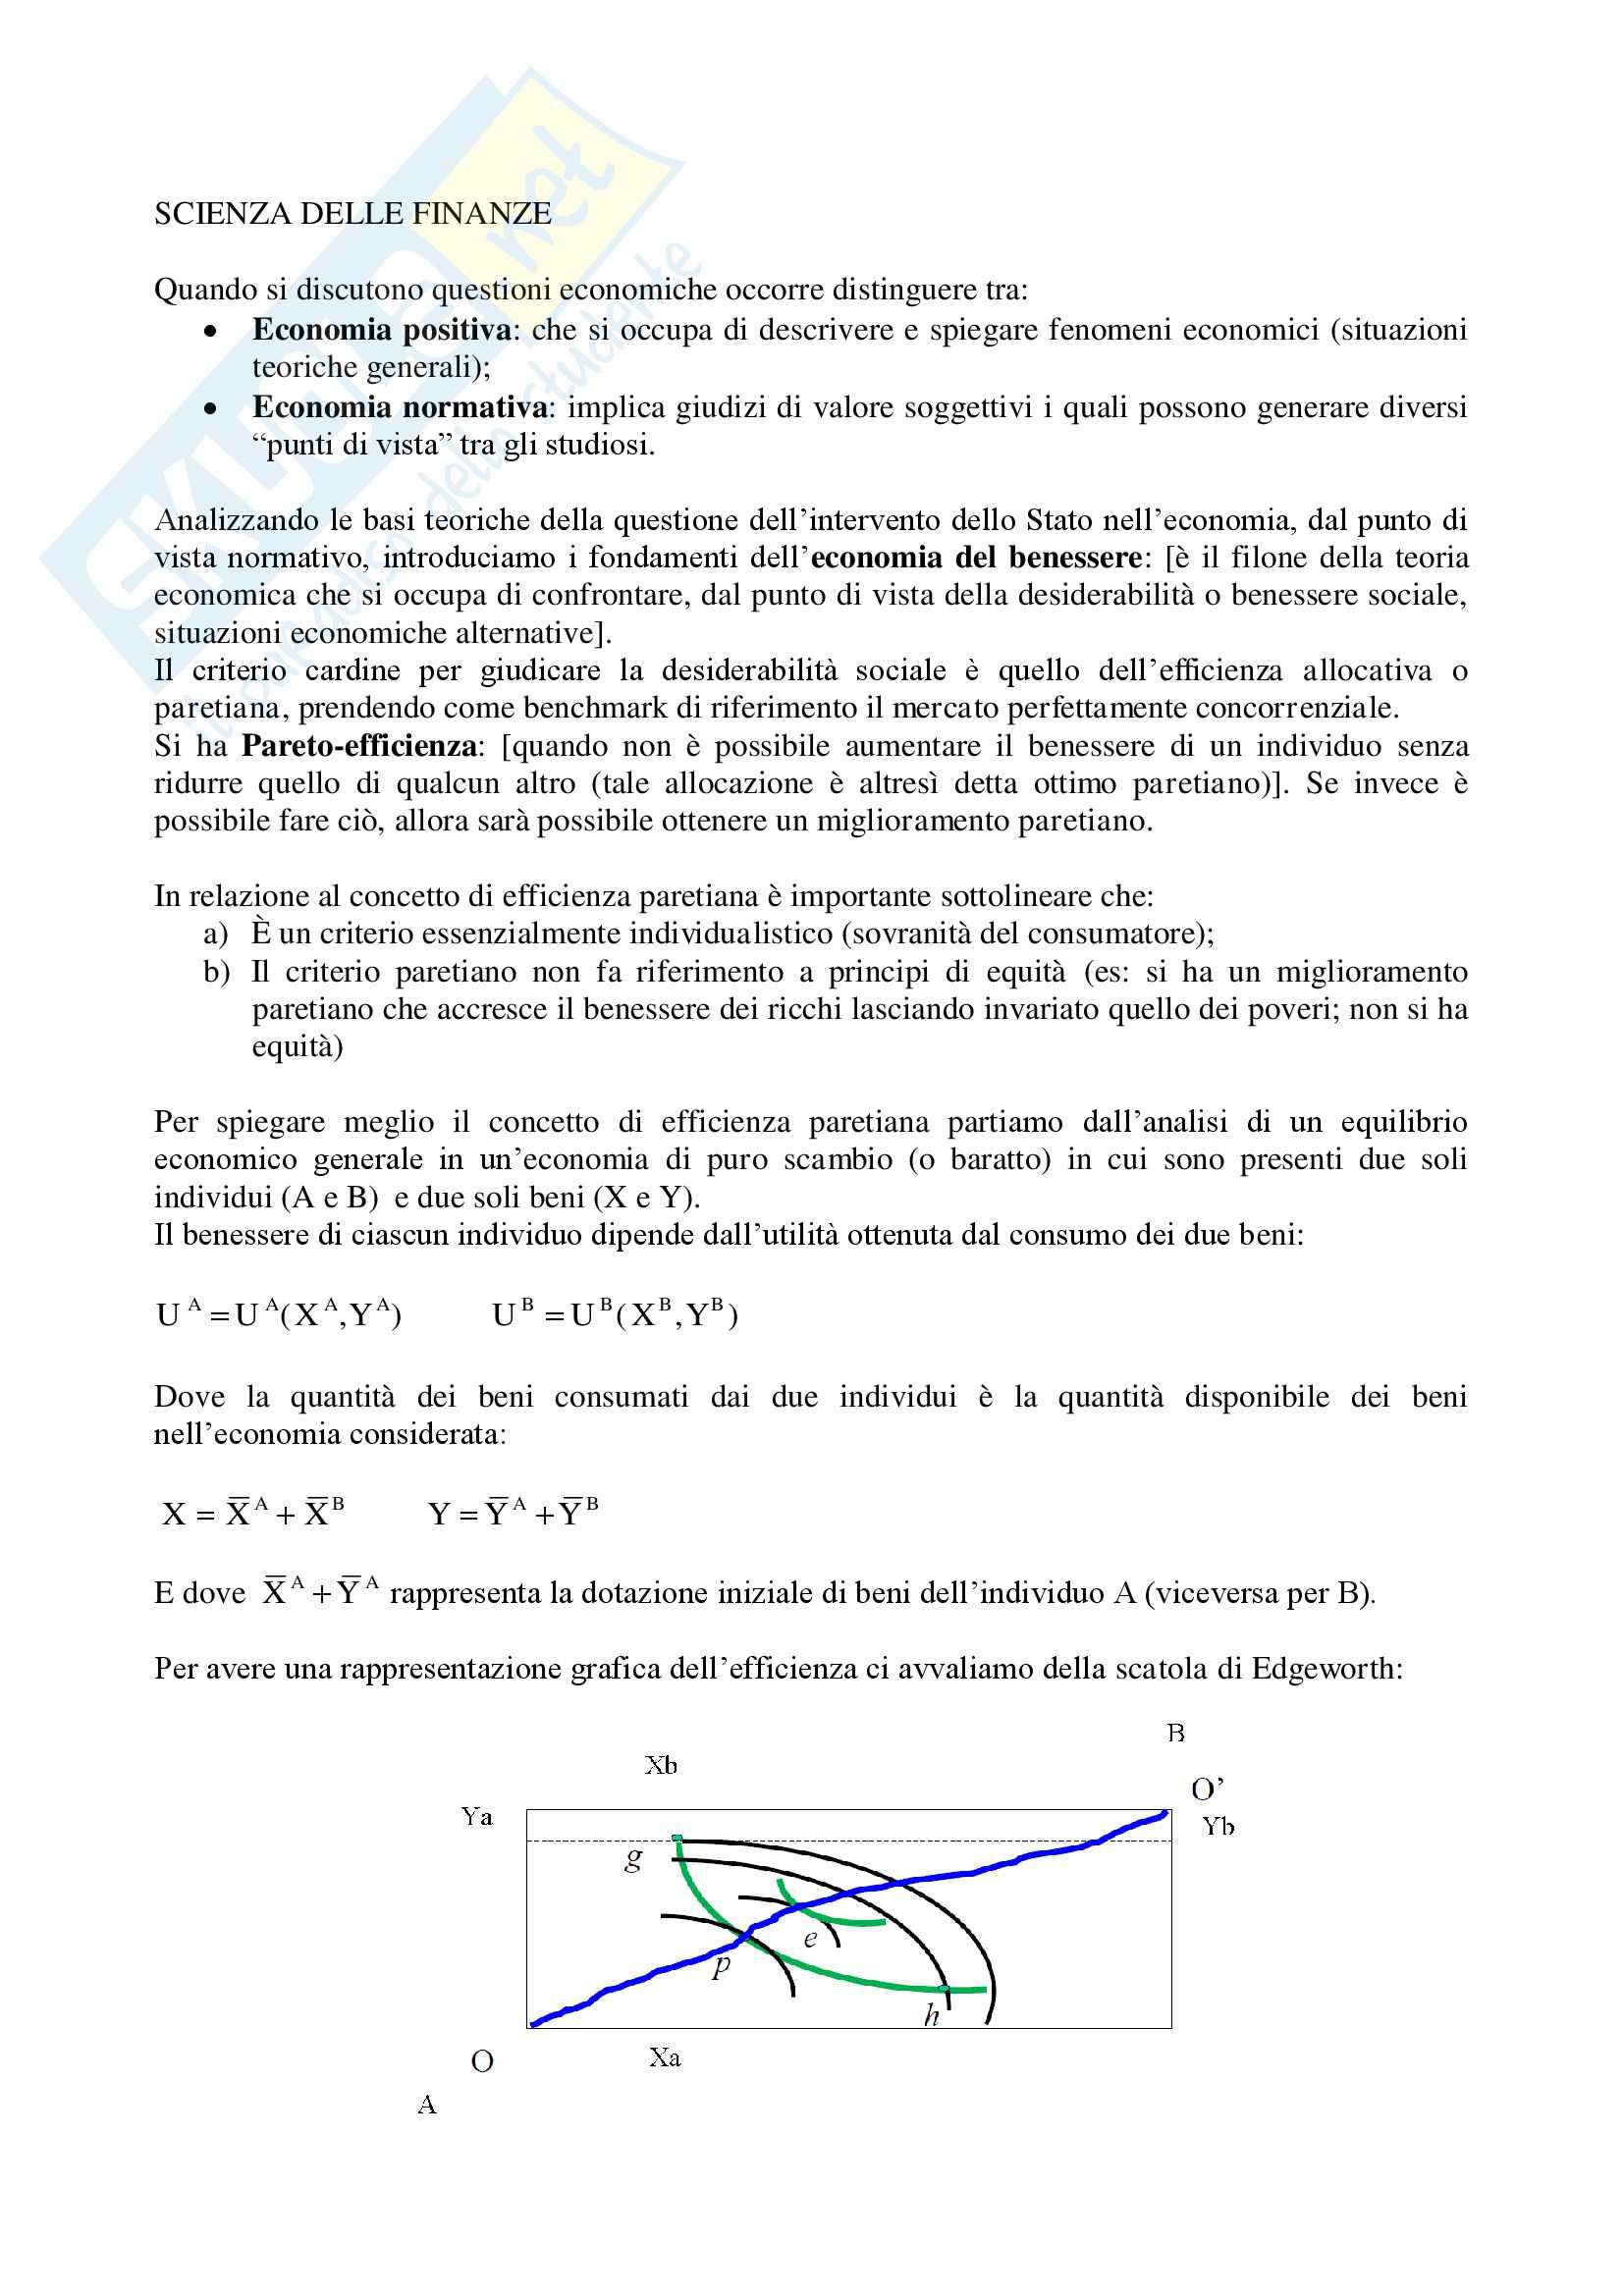 Riassunto Scienza delle finanze, professoressa Grazzini Lisa, libro consigliato: Scienza Delle Finanze, Balestrino, Galli, Spataro